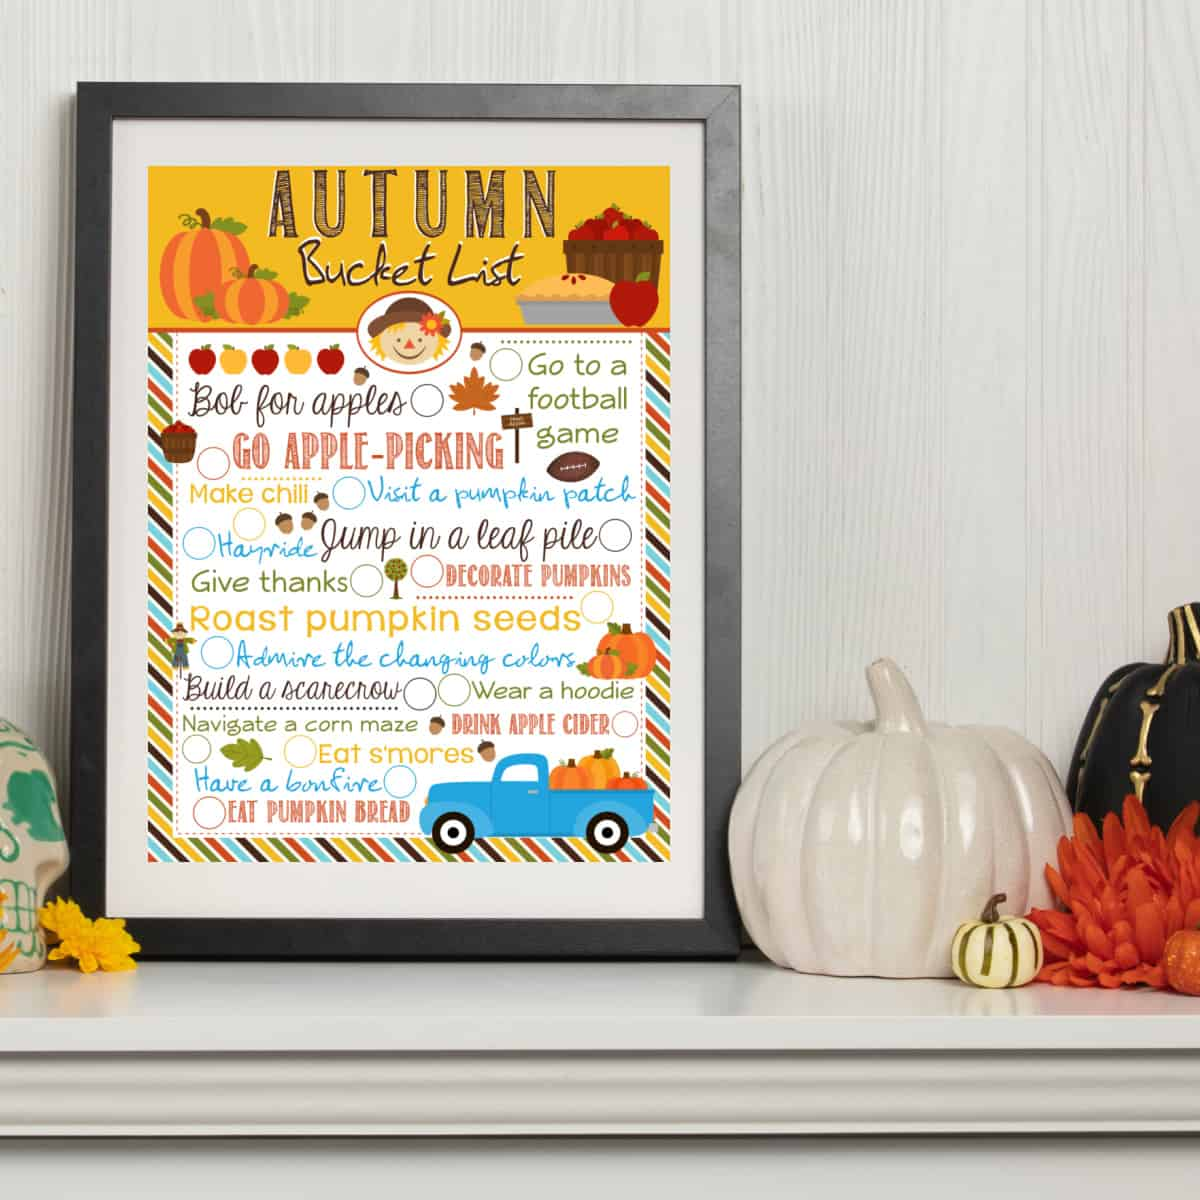 Autumn bucket list printable in a frame.